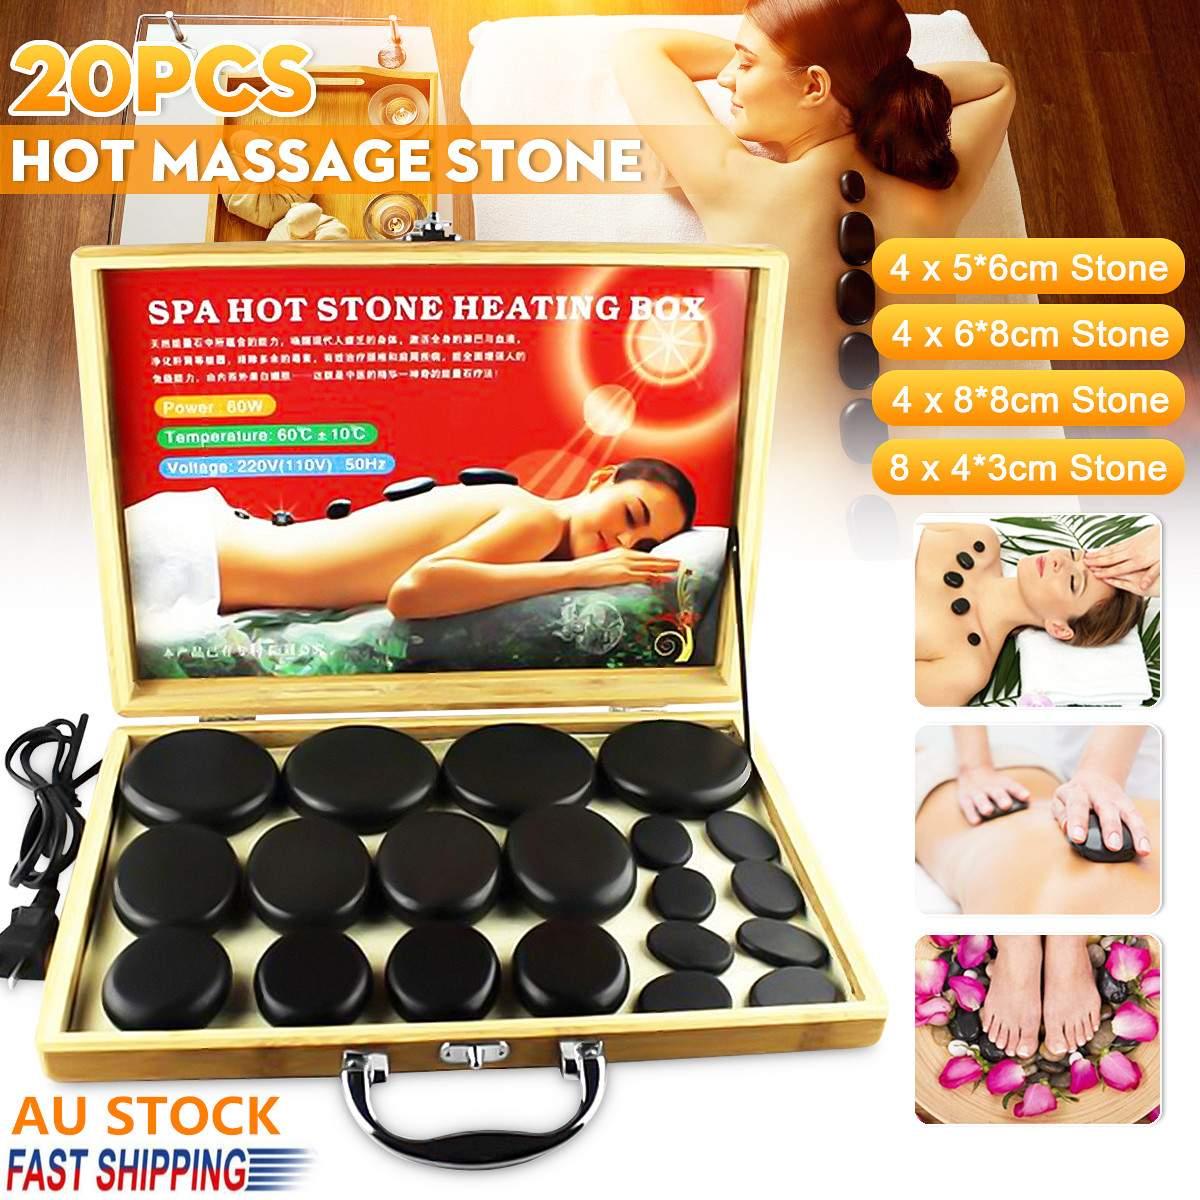 20 unids/set de masaje de piedra caliente caja calefactora para aliviar el estrés y el dolor de espalda cuidado de la salud acupresión piedras de basalto de Lava para el cuidado de la salud